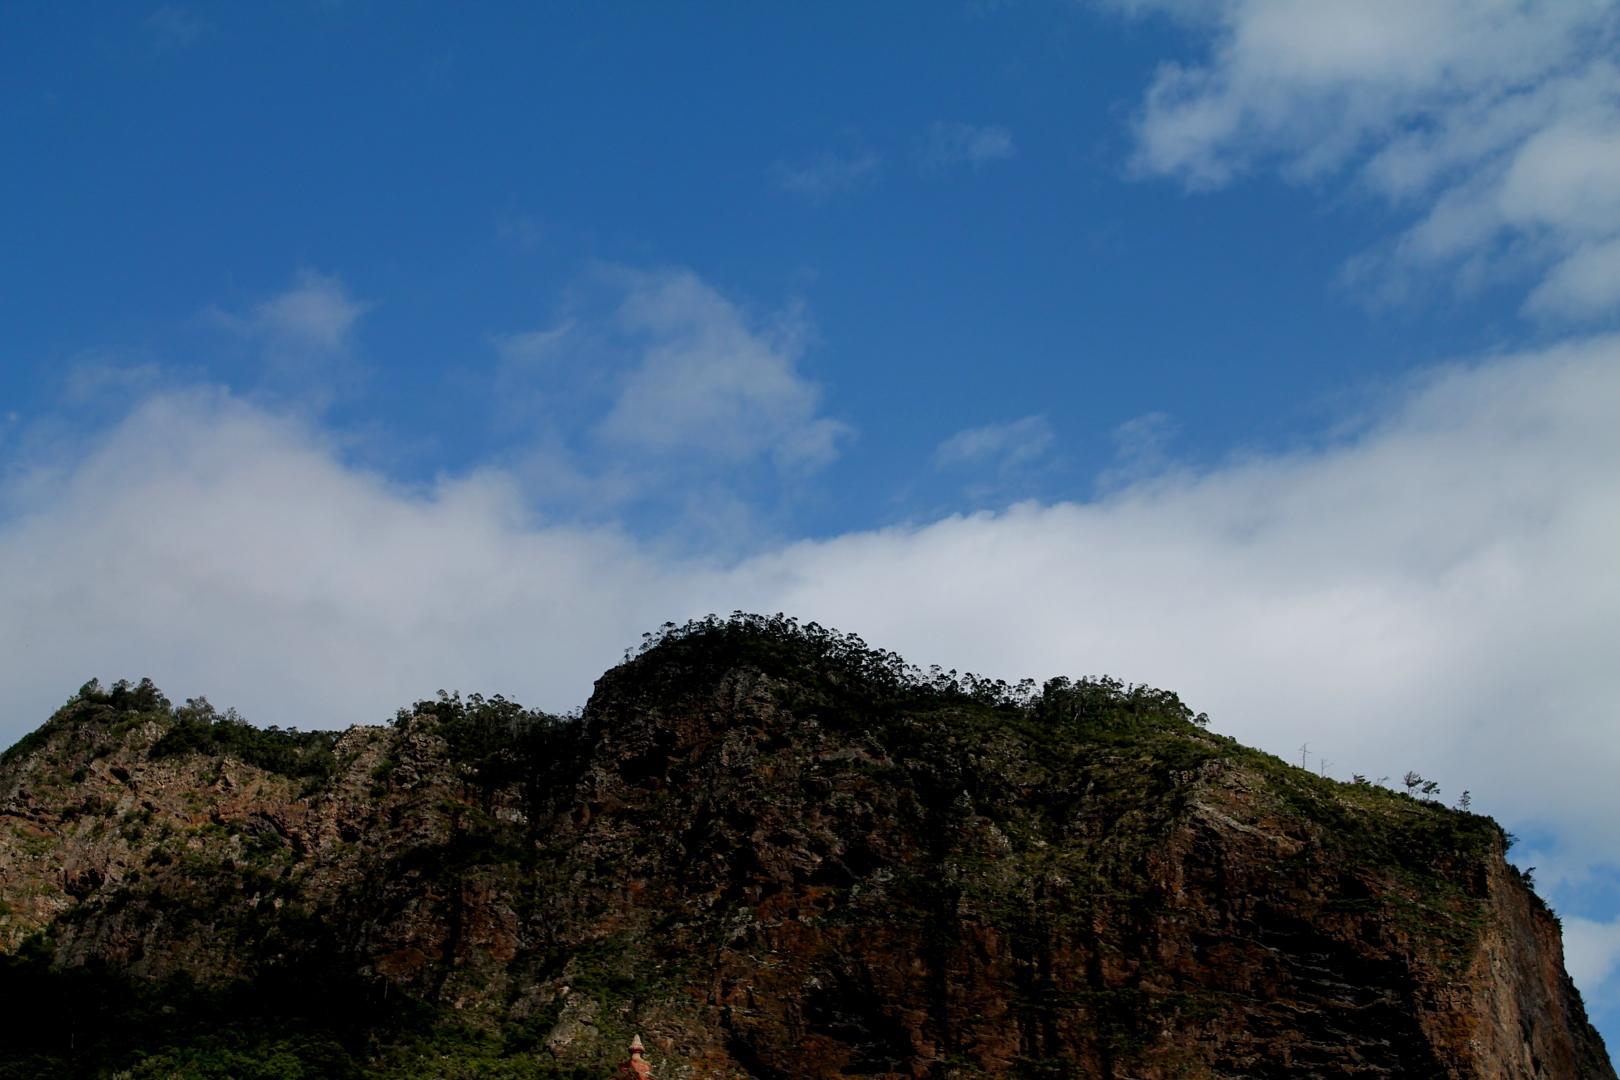 Paisagem Natural/Recantos da ilha da Madeira......